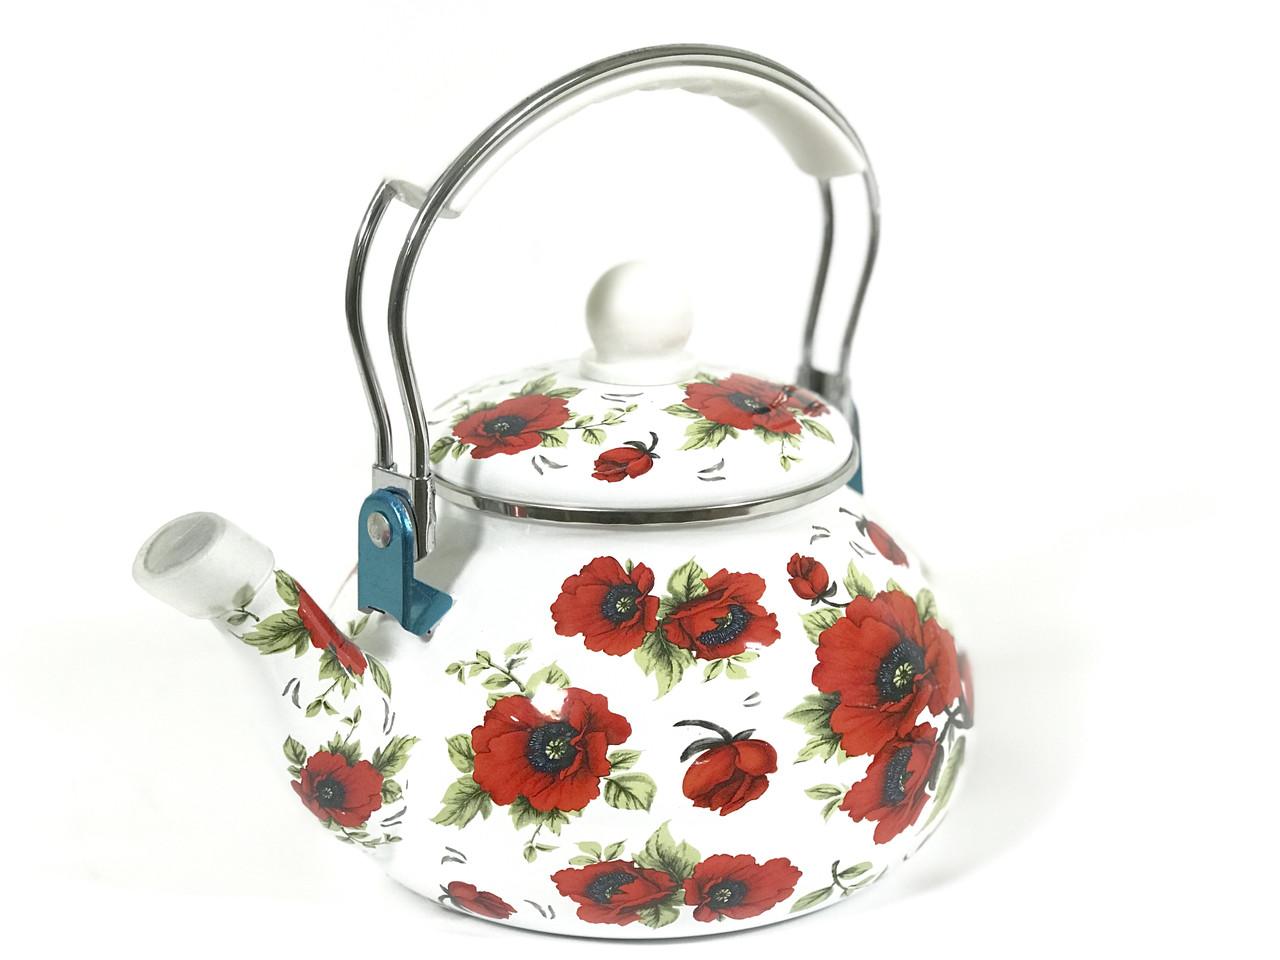 Эмалированный чайник Hoffner 4935 Red flowers 2,5 литра c бакелит ручкой